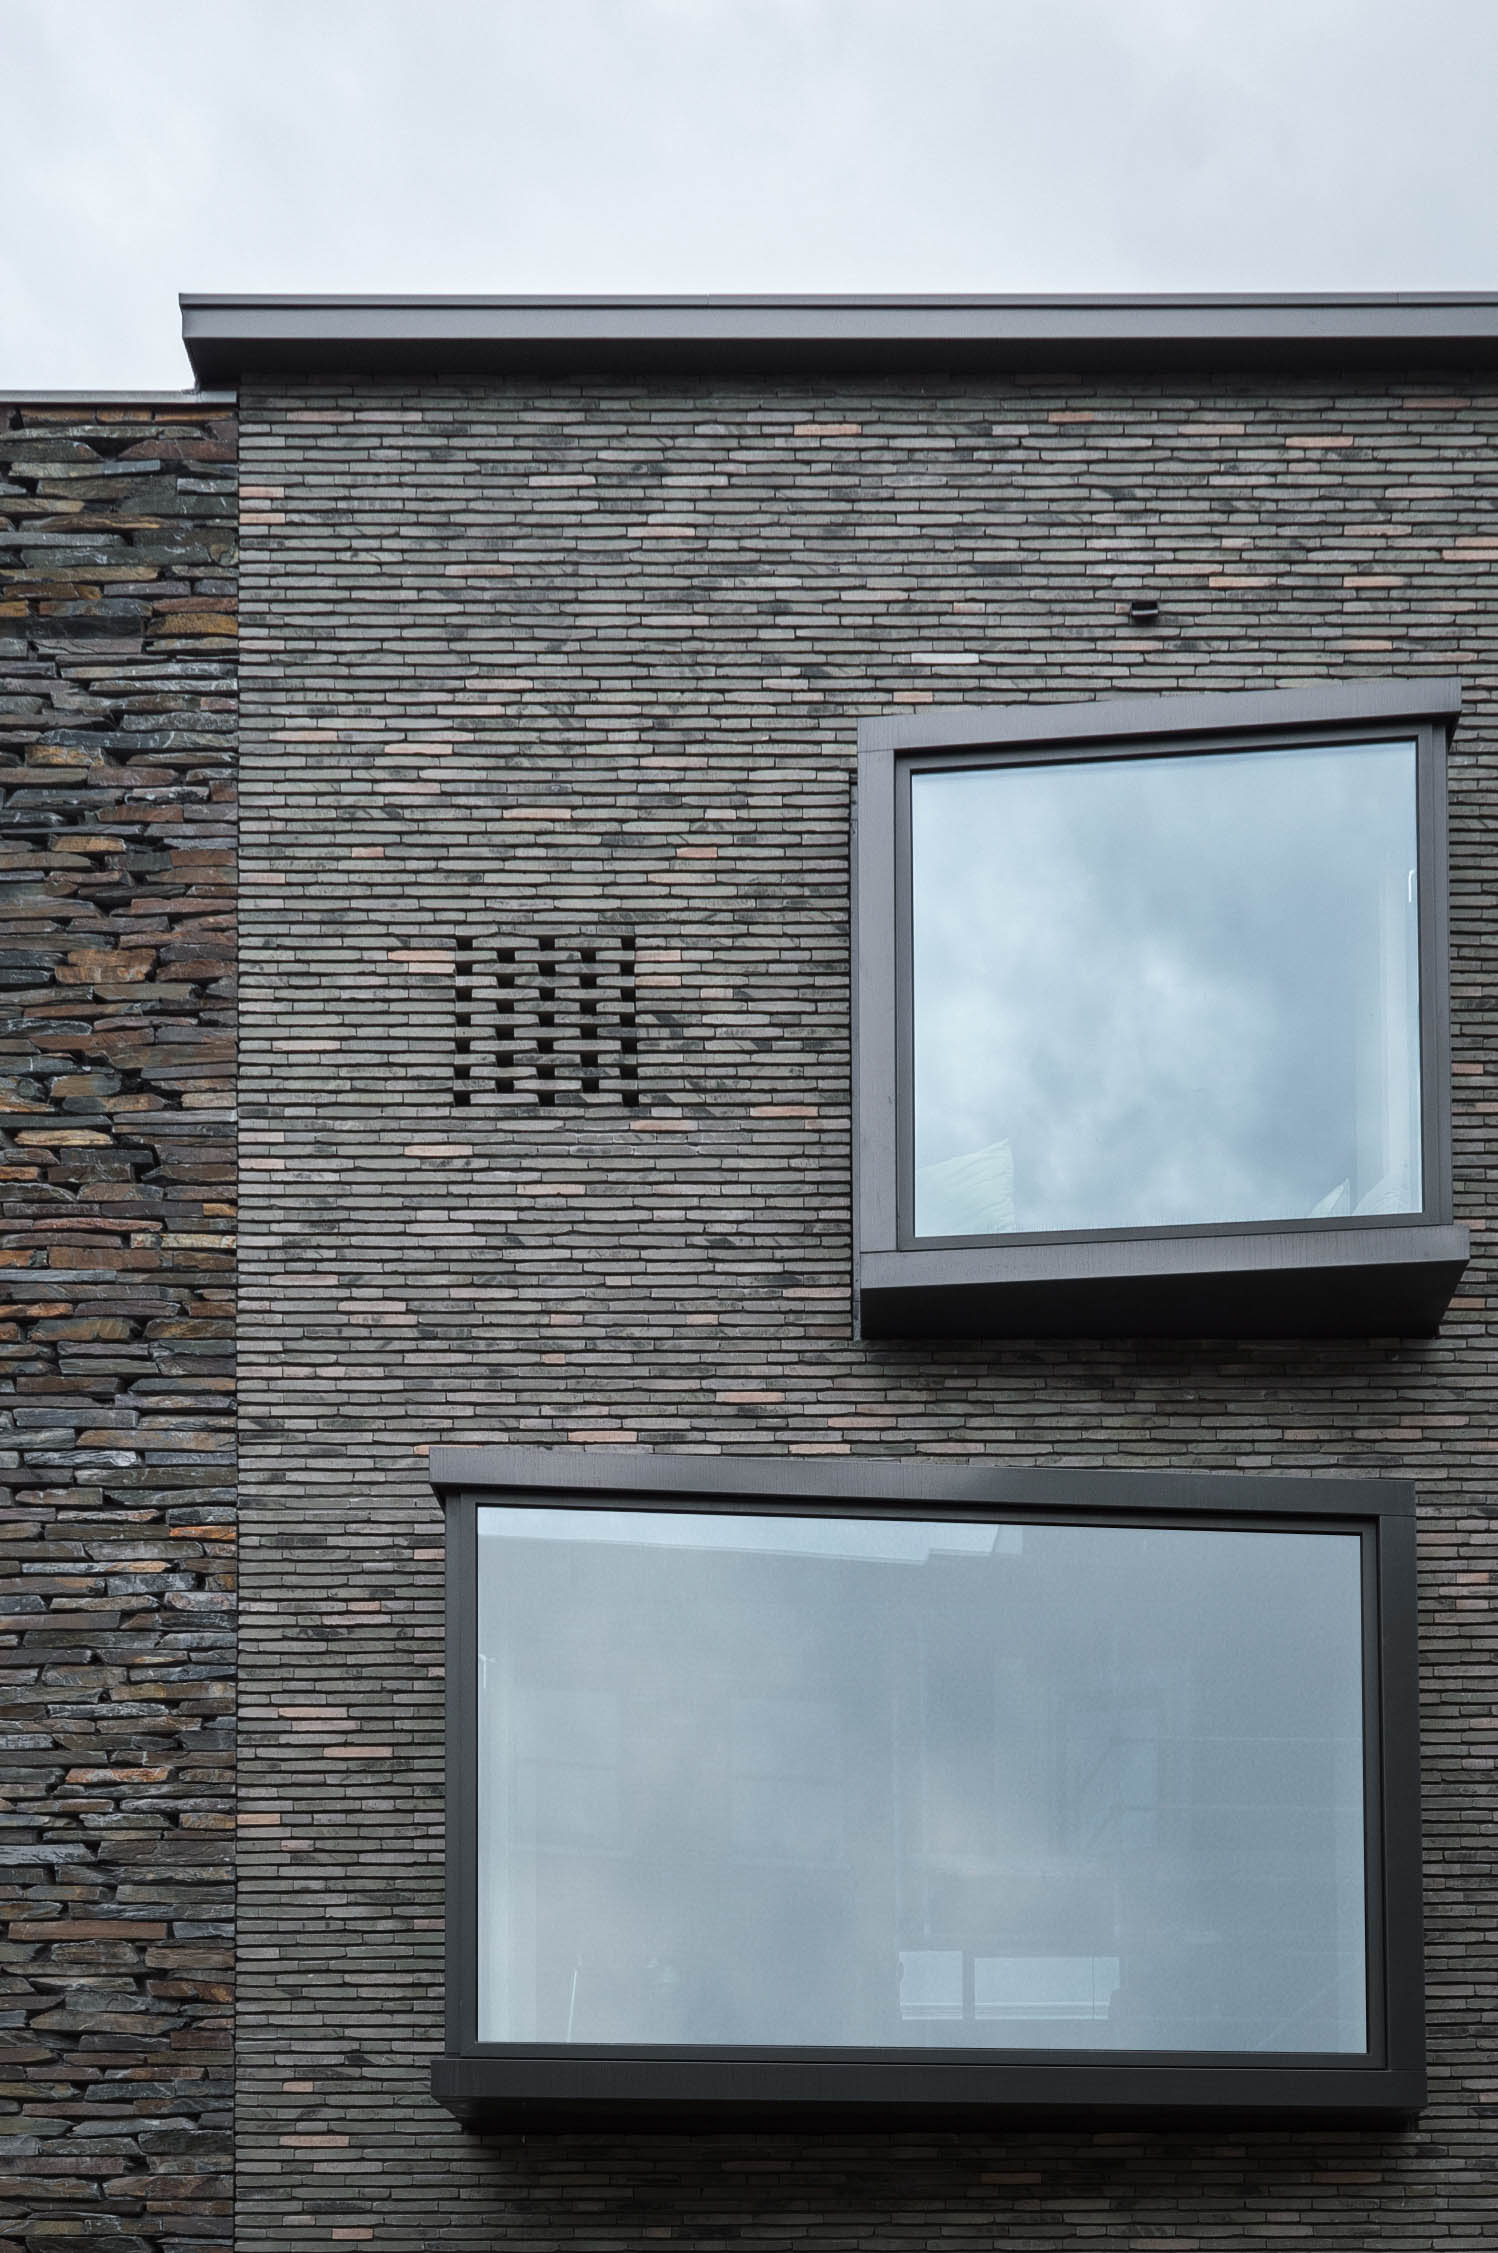 <p>Met de strakke en gladde vormgeving staan de erkers in contrast met het grillige, gesloten gevelvlak</p>